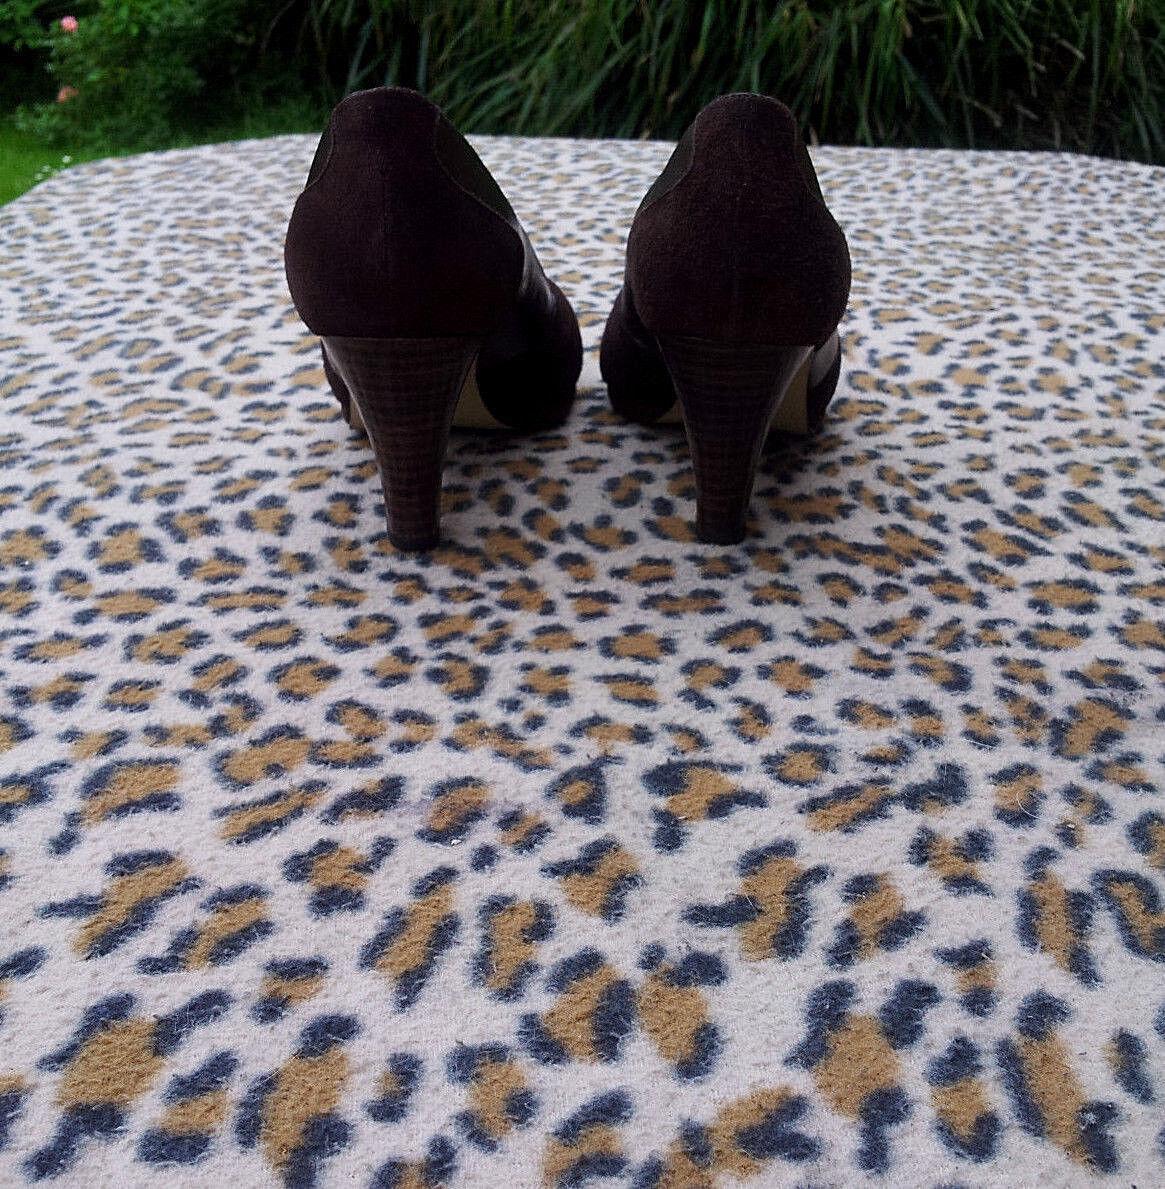 Kurt Geiger braun Suede Suede Suede Leather Peep Toe high heeled schuhe UK Größe 6 EU 39 f92ea1